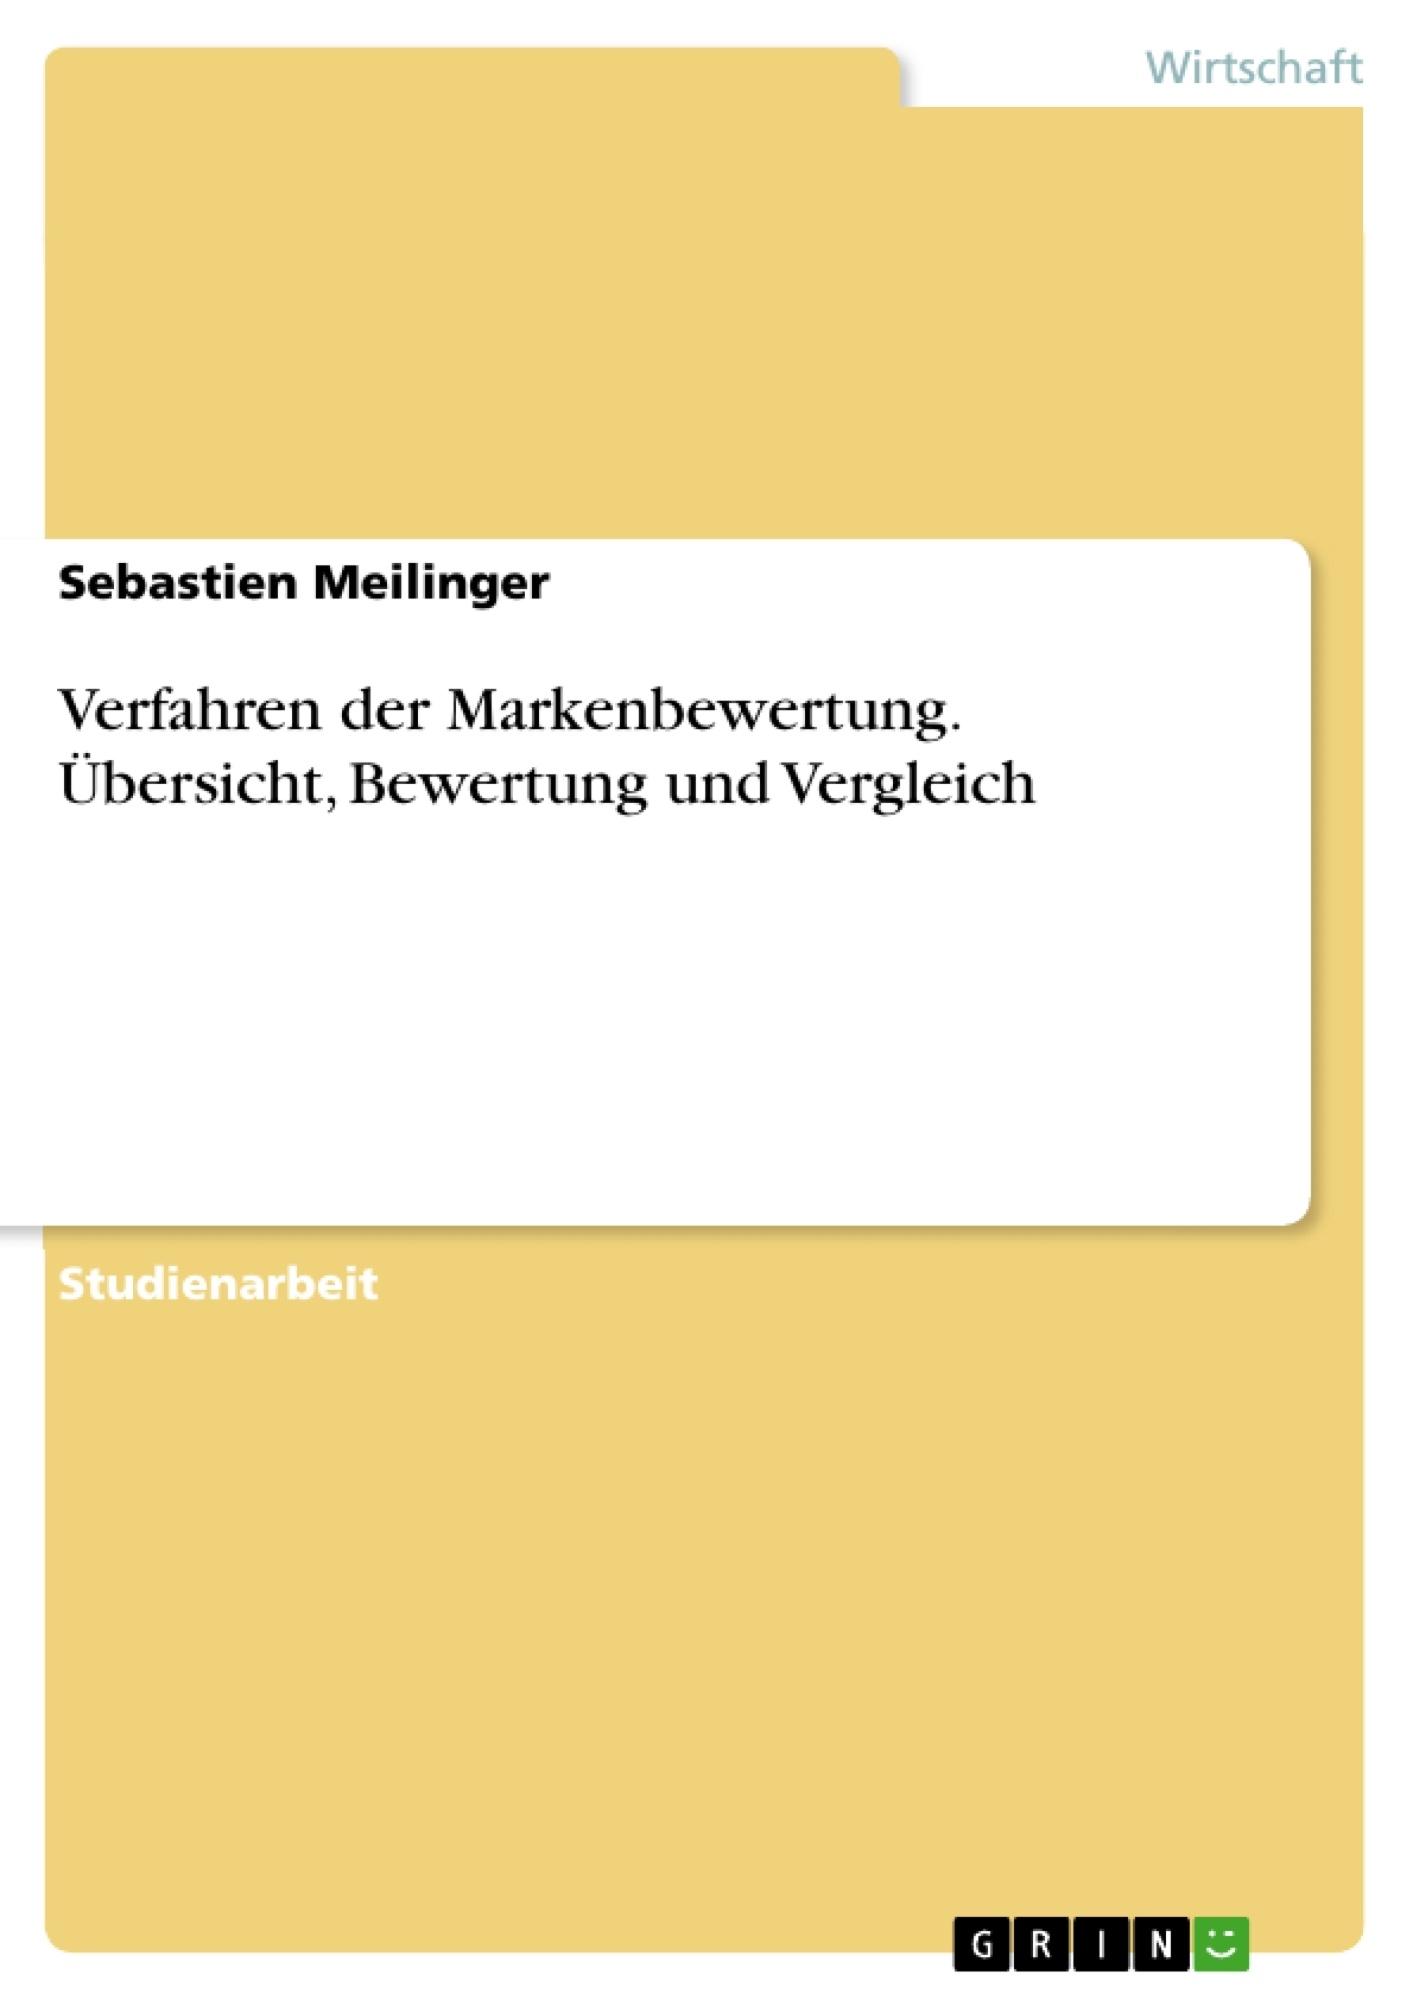 Titel: Verfahren der Markenbewertung. Übersicht, Bewertung und Vergleich